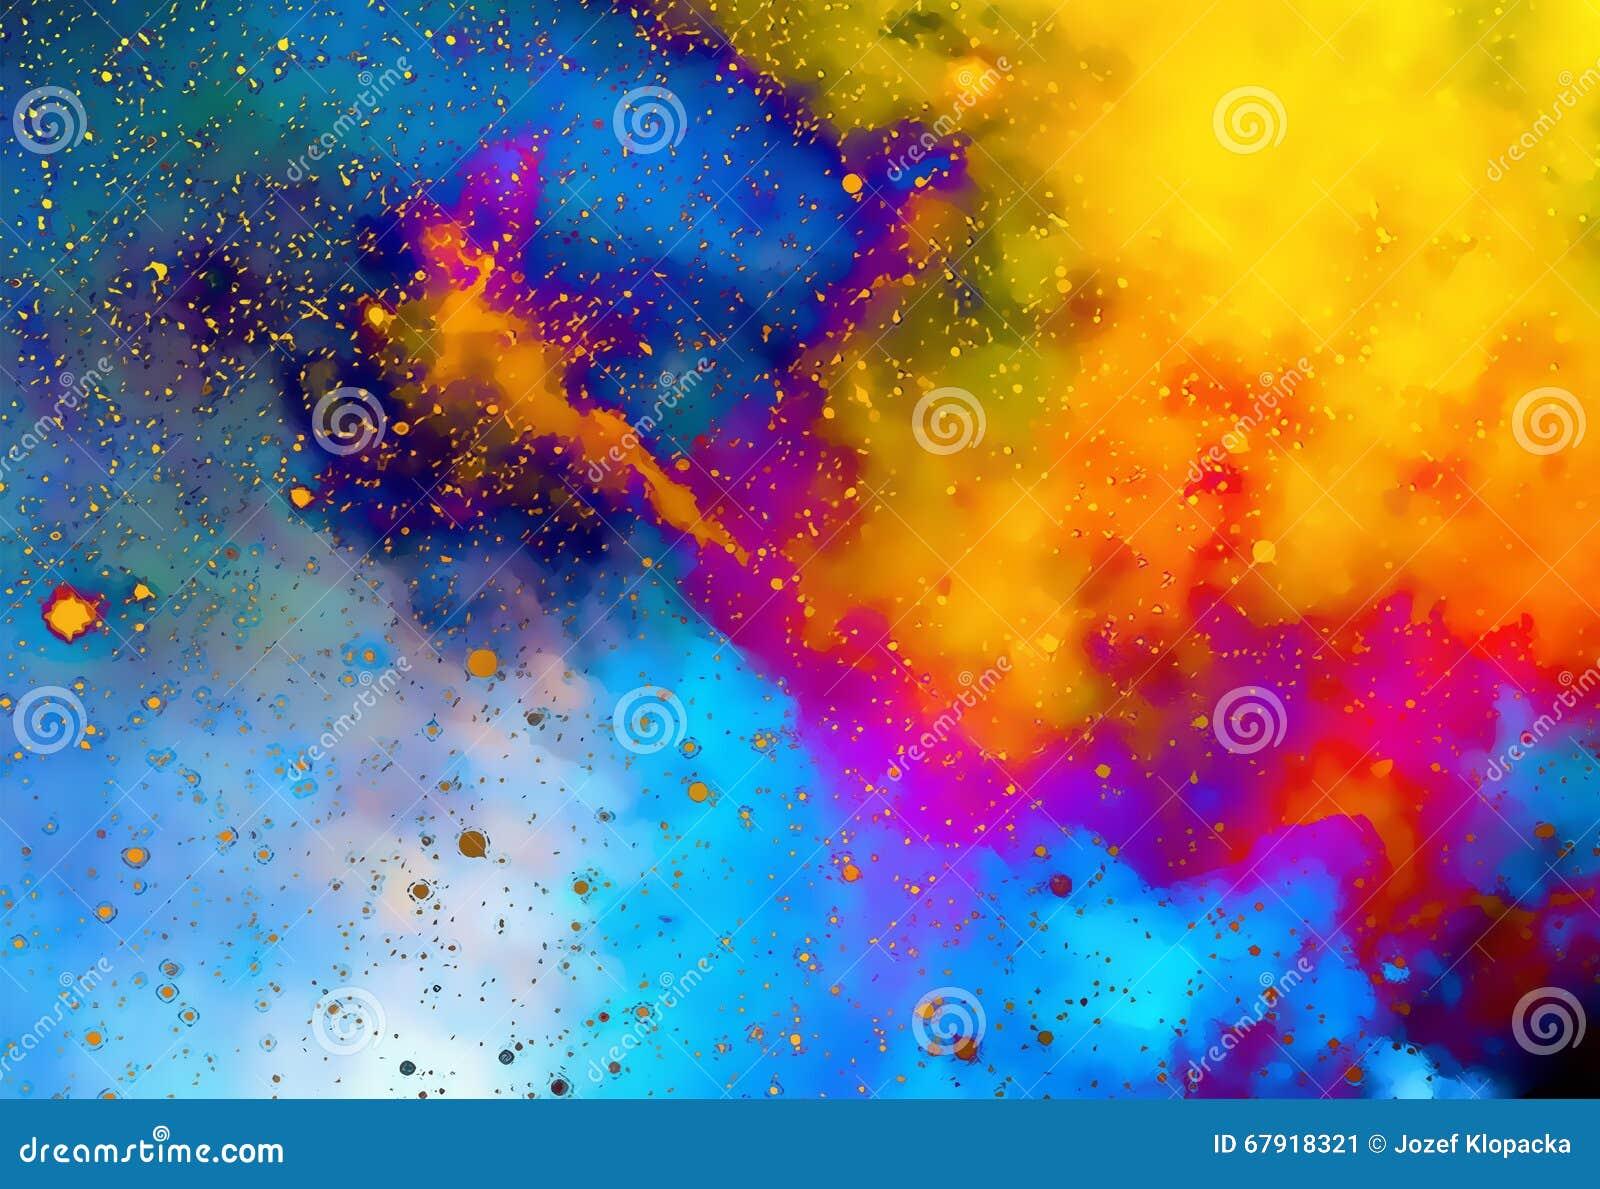 Nevel kosmische ruimte en sterren kleurenachtergrond fractal effect het schilderen effect - Ruimte van de jongen kleur schilderen ...